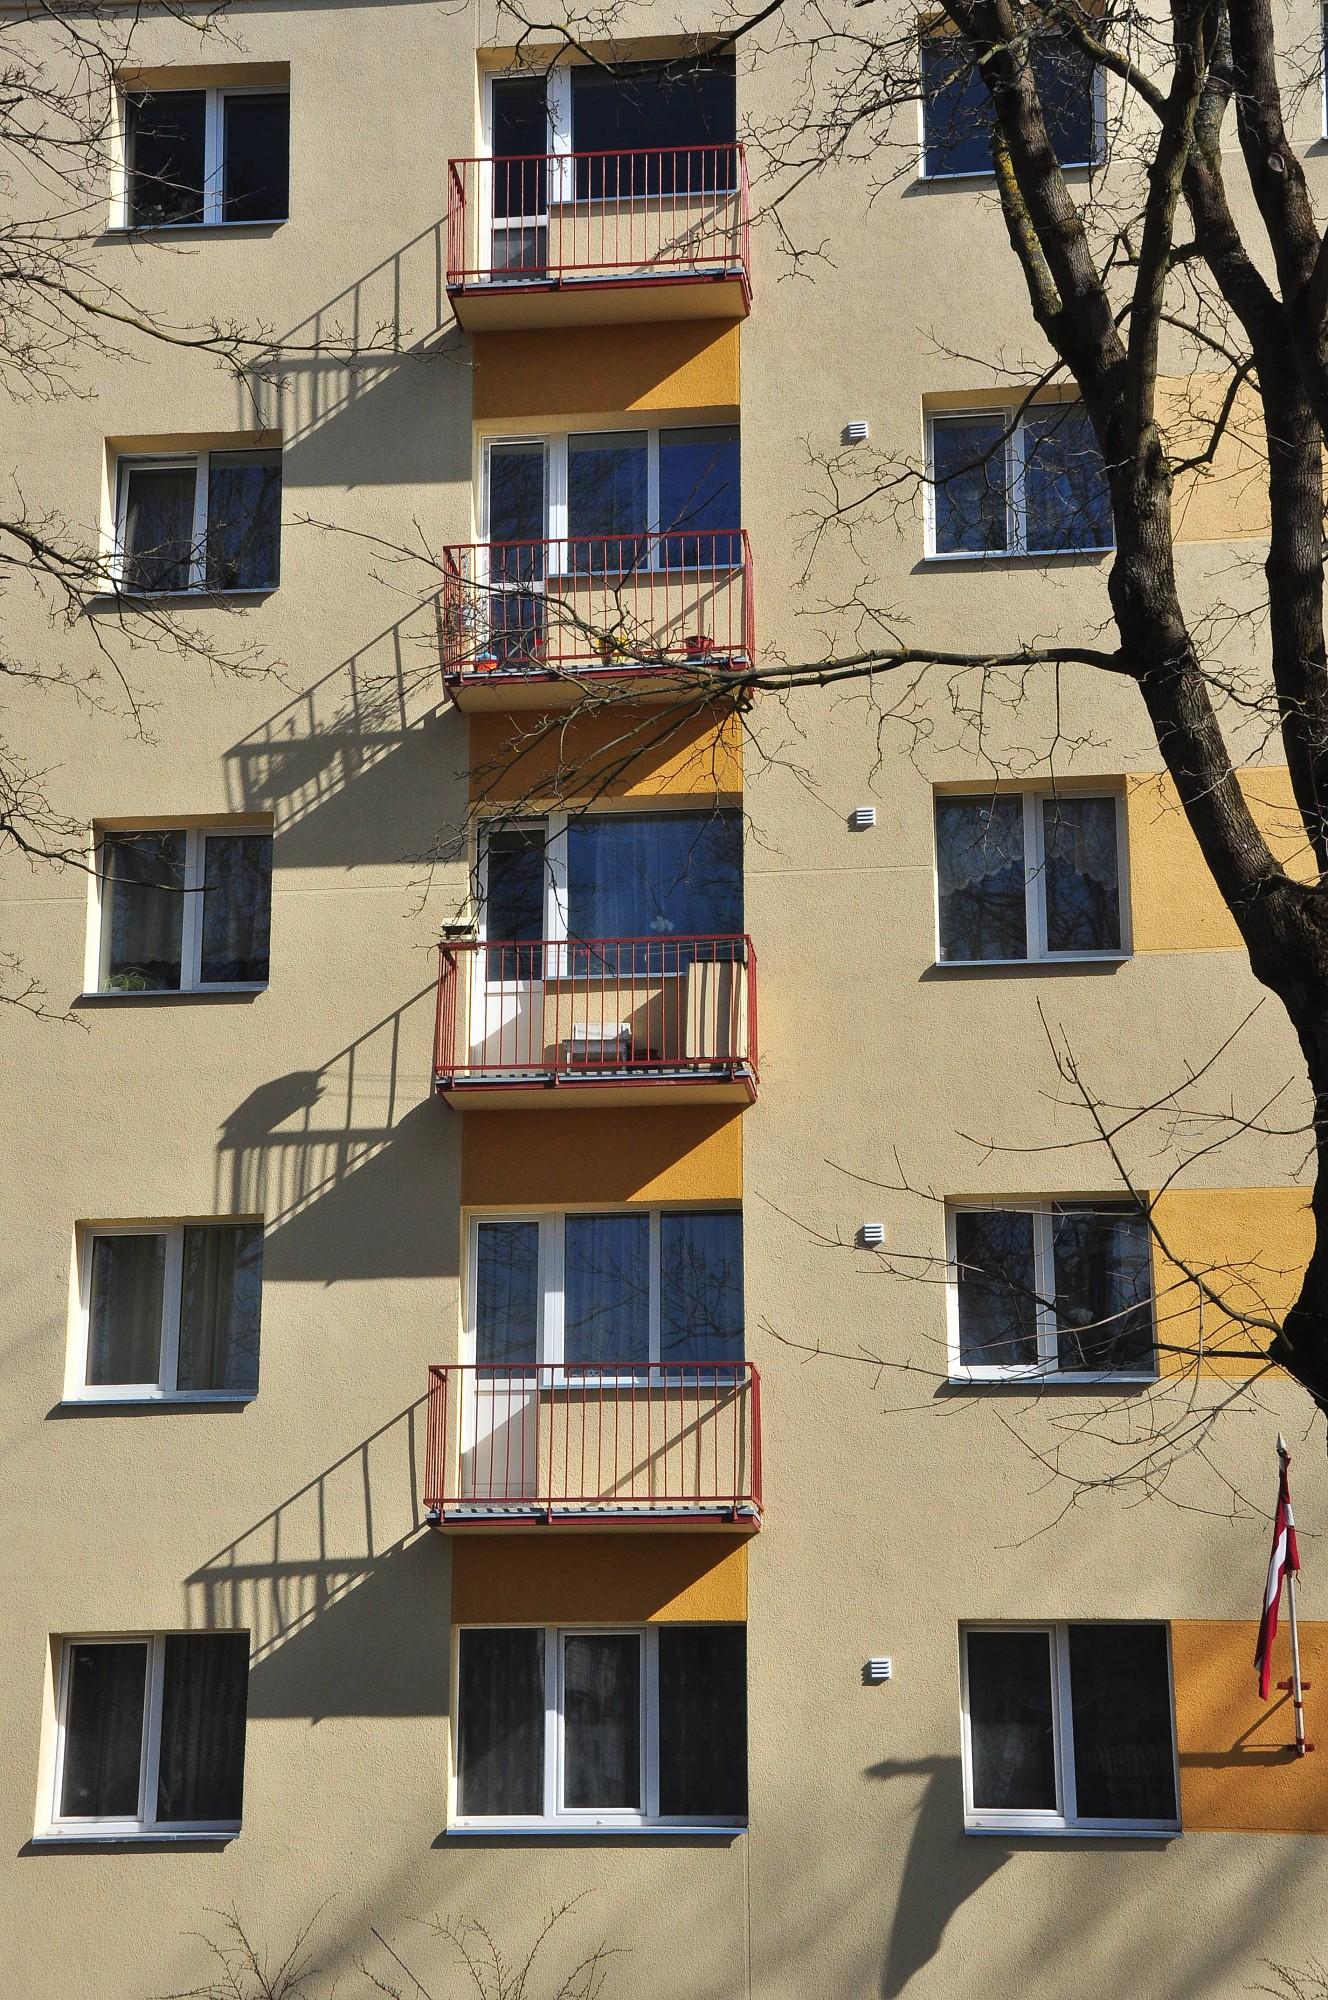 Daudzdzīvokļu namu liftu tehniskais stāvoklis atkarīgs no ieguldītajiem līdzekļiem